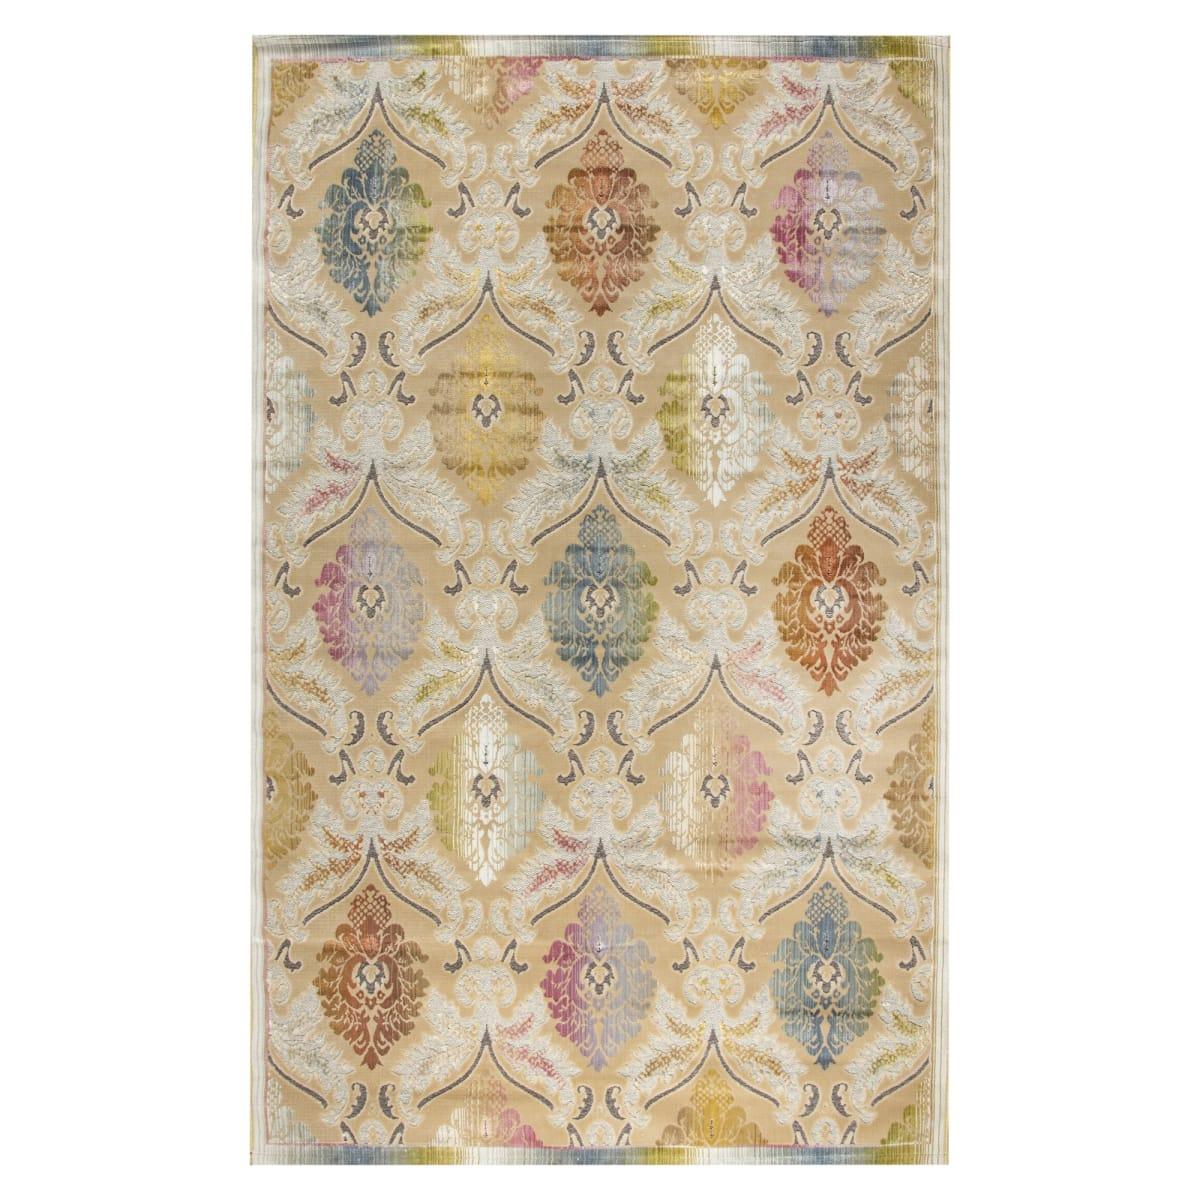 вискозные ковры египта верона фото дополнение моему посту